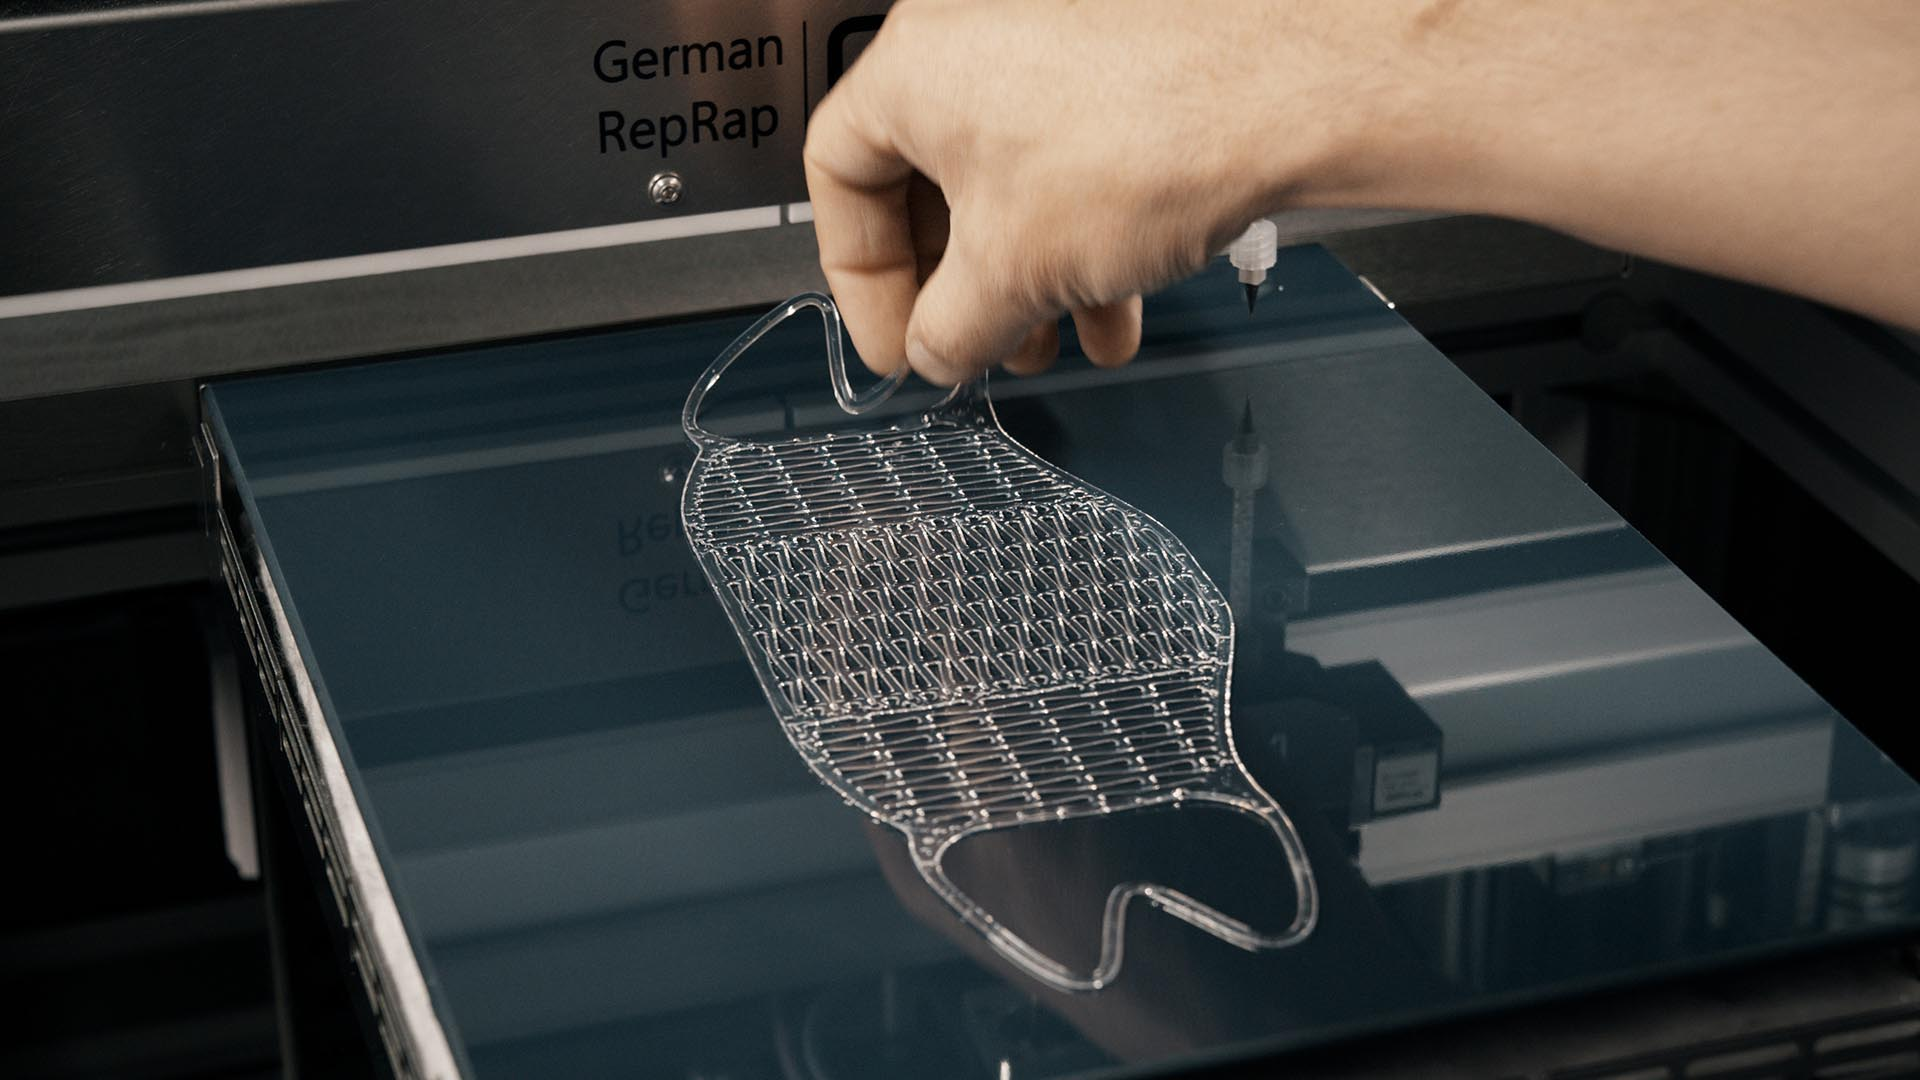 Read more about the article L'allemand RepRap se rebaptise innovatiQ et vend des imprimantes 3D en silicone en France.